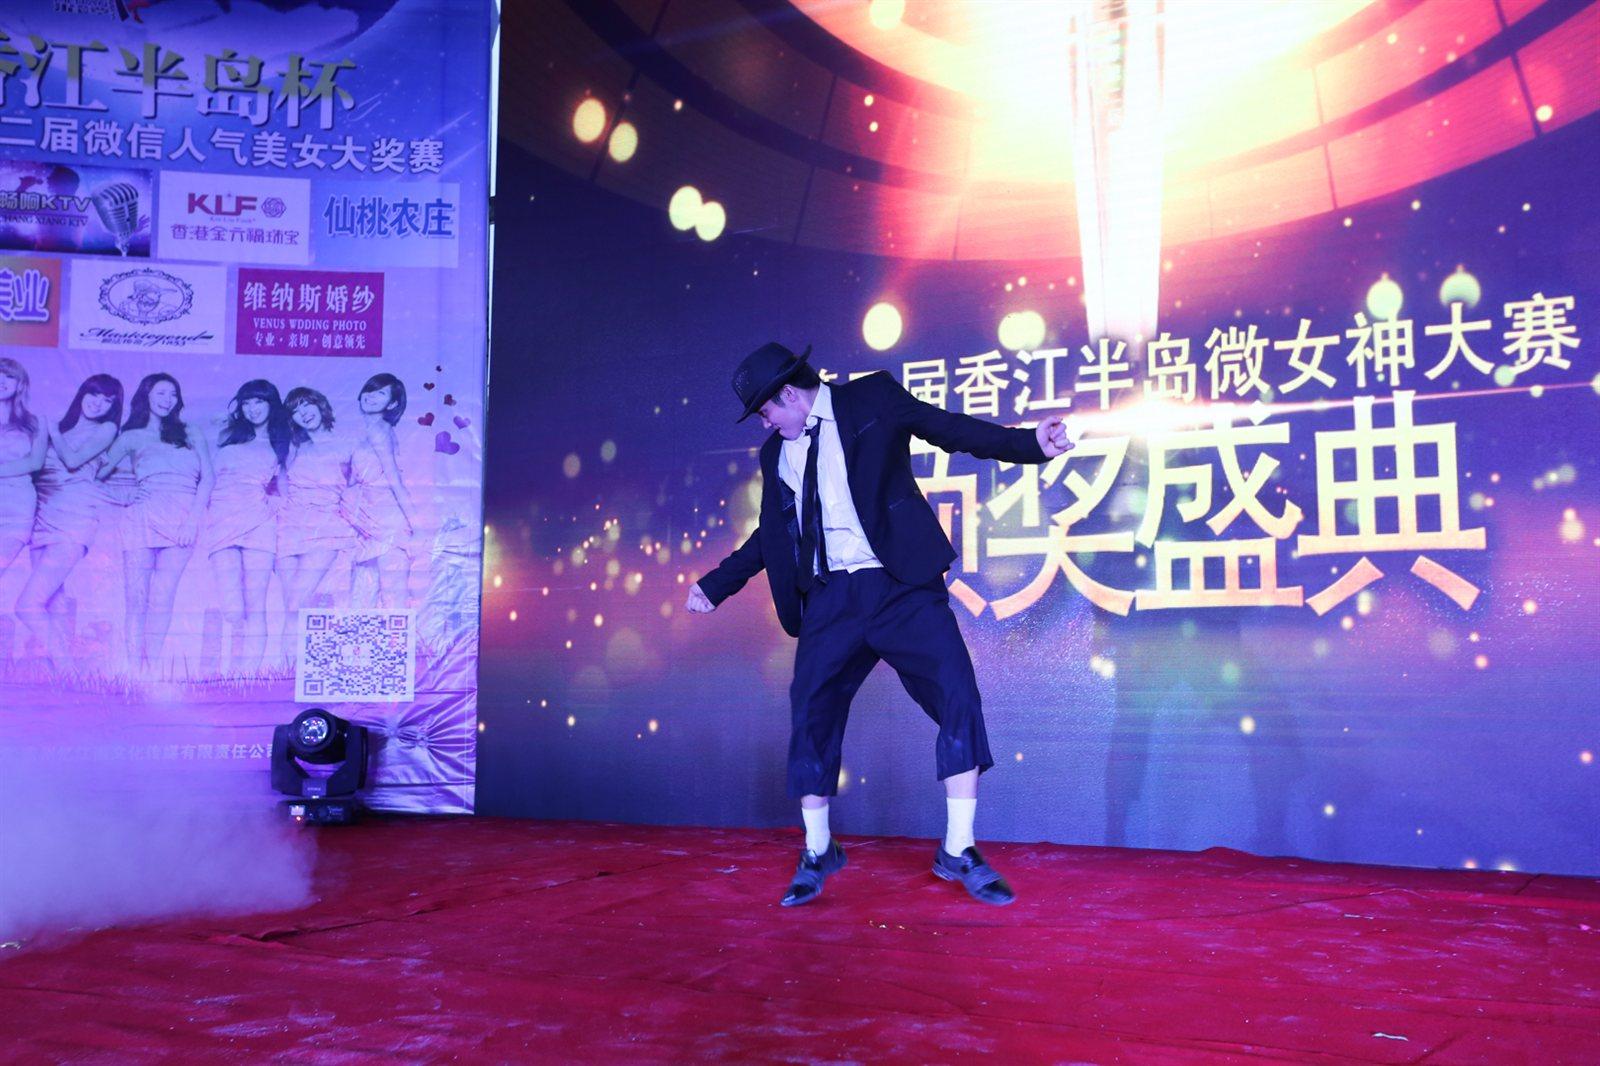 香江半岛杯第二届微信美女颁奖盛典精彩回顾_湄潭热点